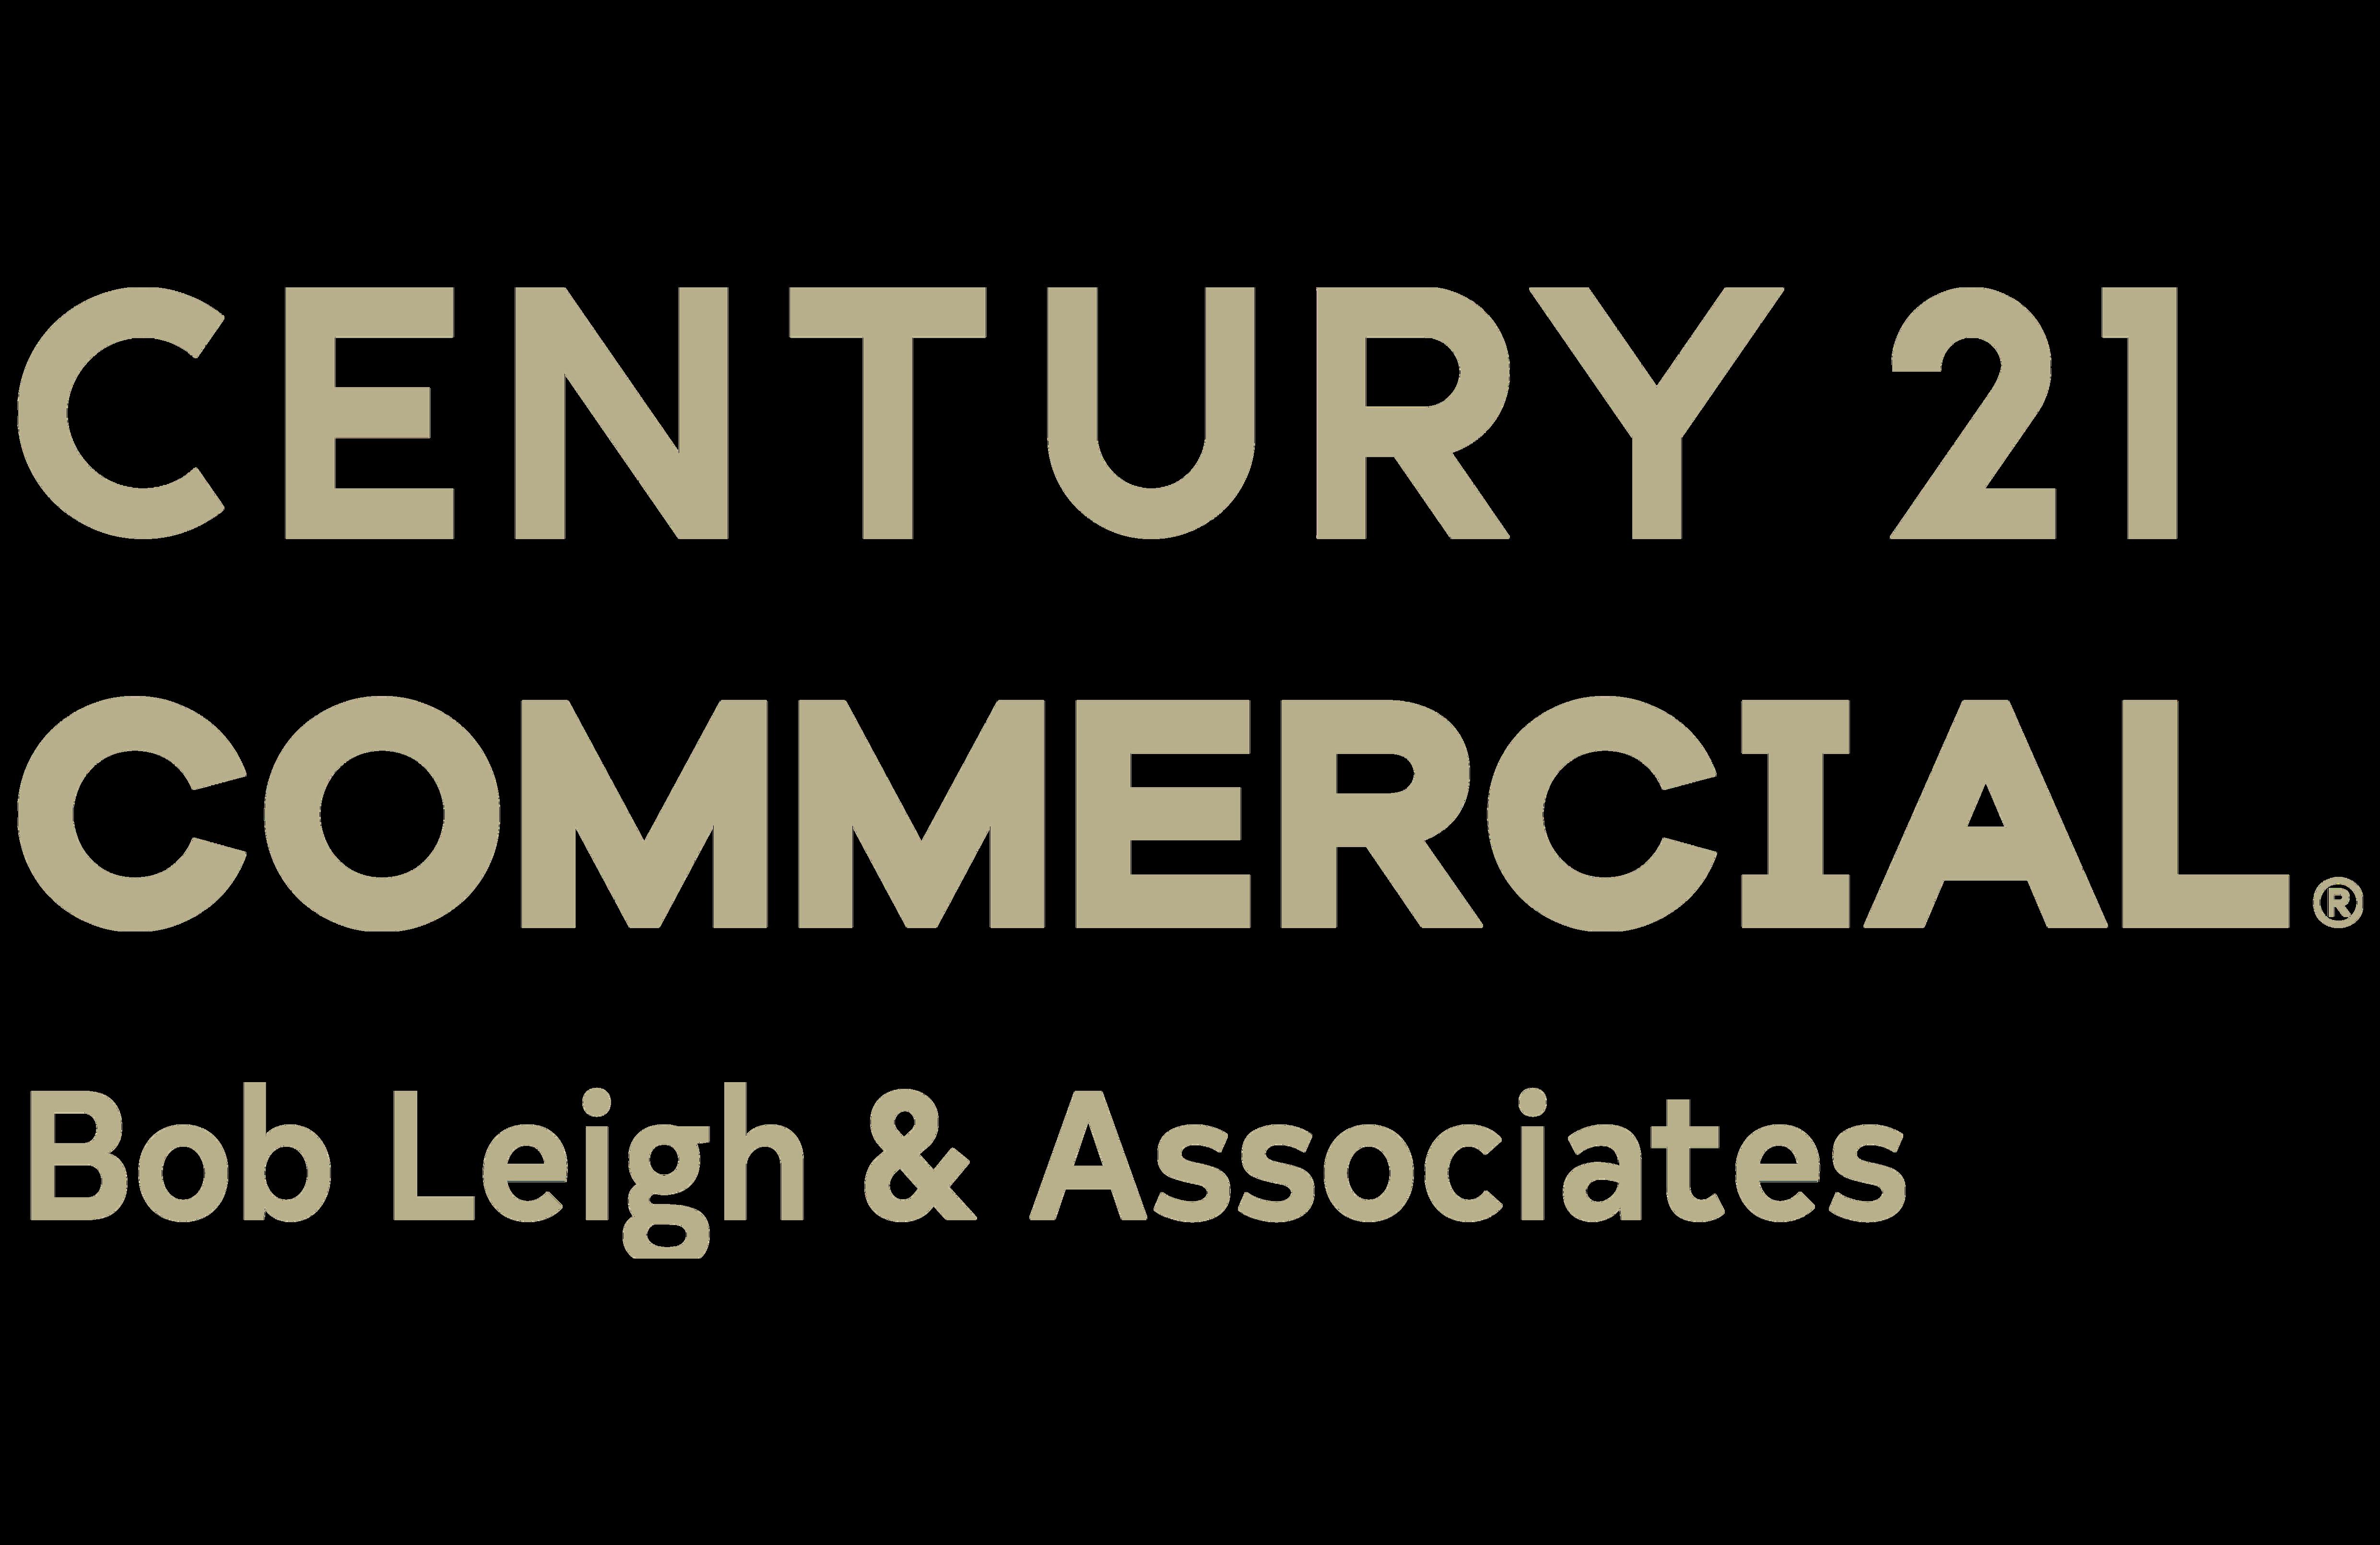 CENTURY 21 Bob Leigh & Associates